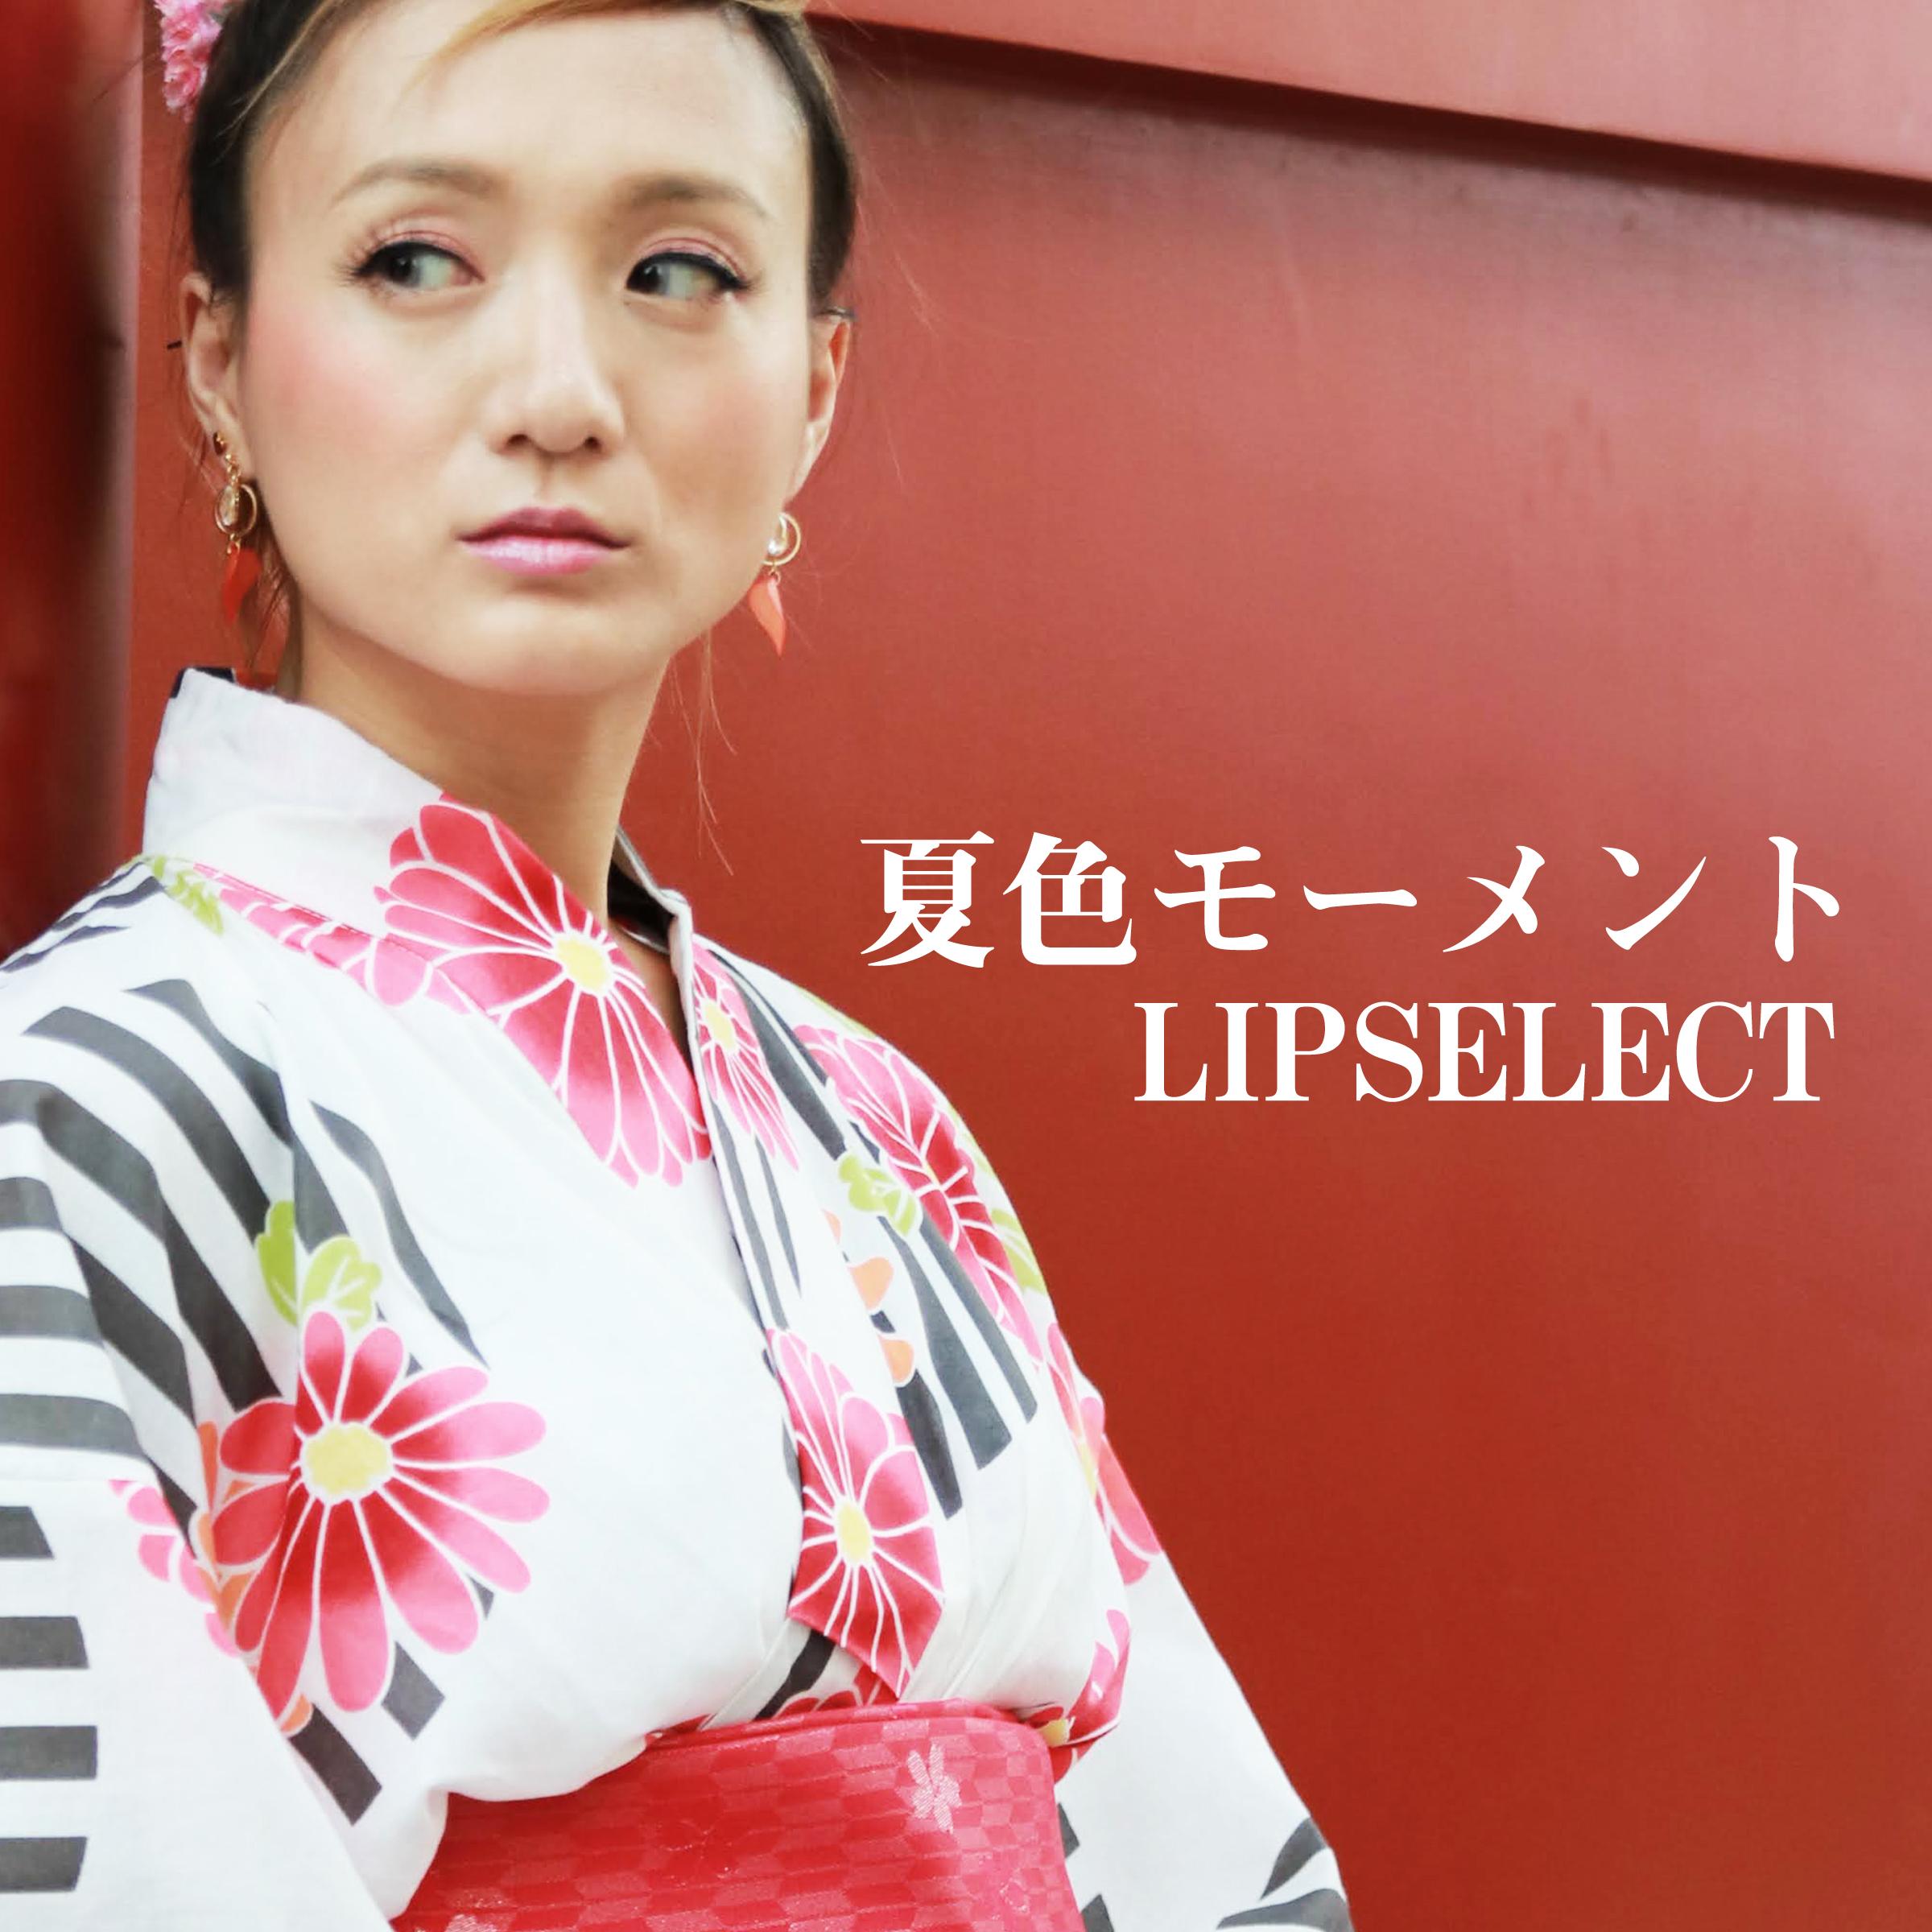 夏色モーメント - LIPSELECT